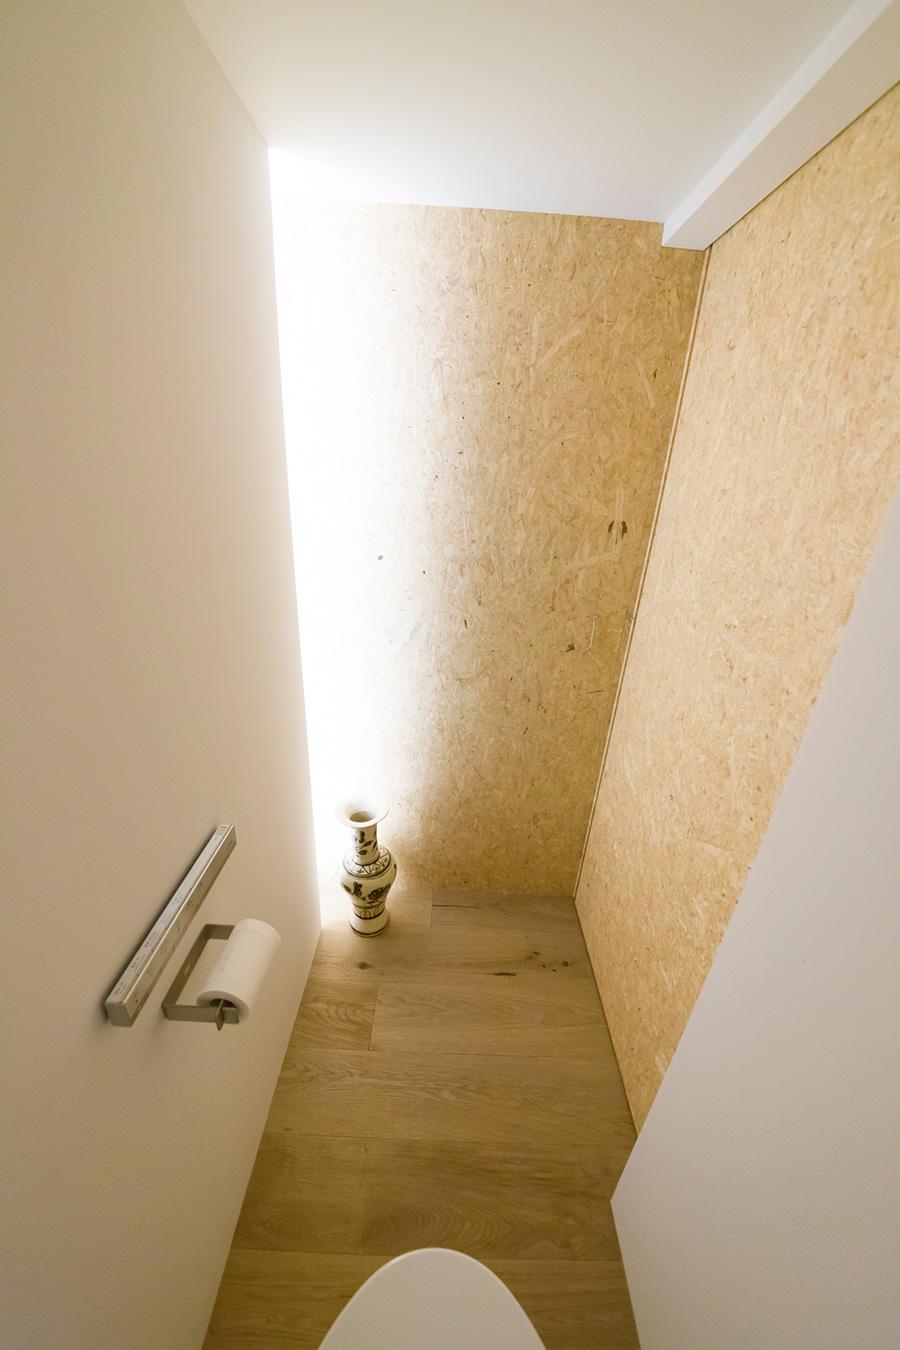 すっきりとミニマルにまとめたトイレは、間接型のLED照明の効果で、まるで宇宙船で旅をしているような未来的な空間。